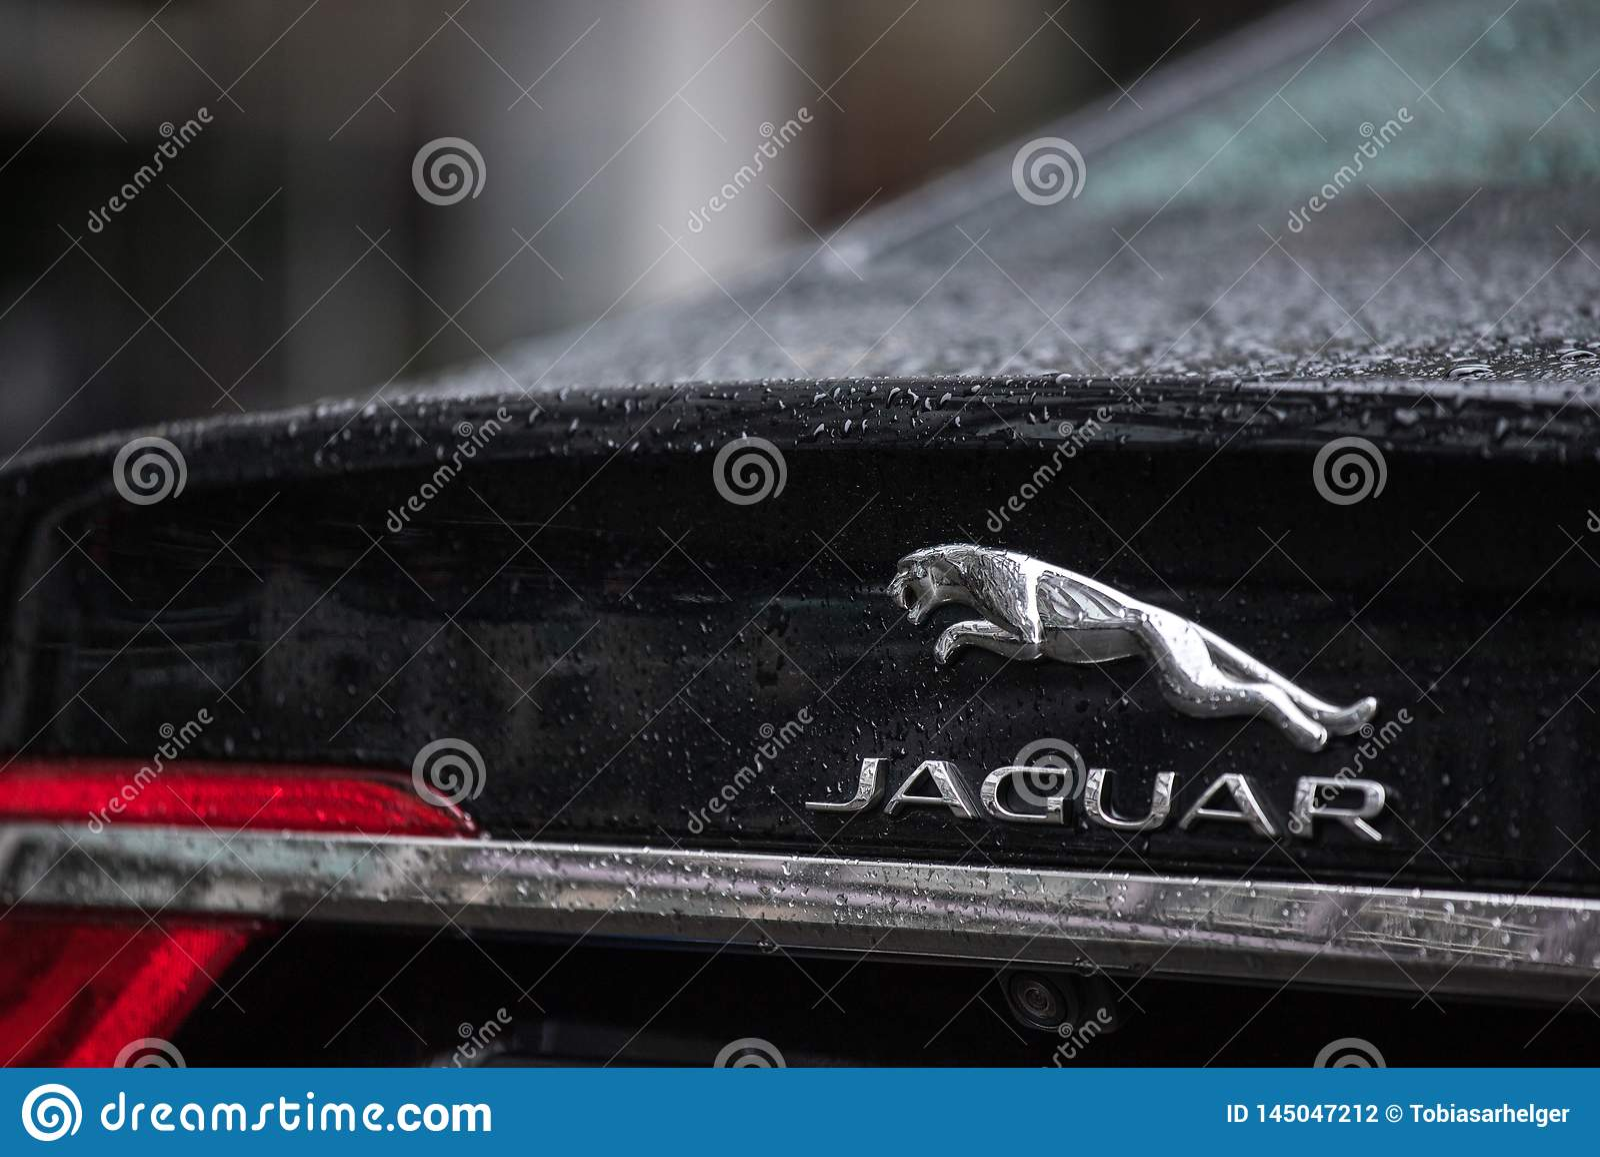 Jaguar-Auto in Berlin Deutschland